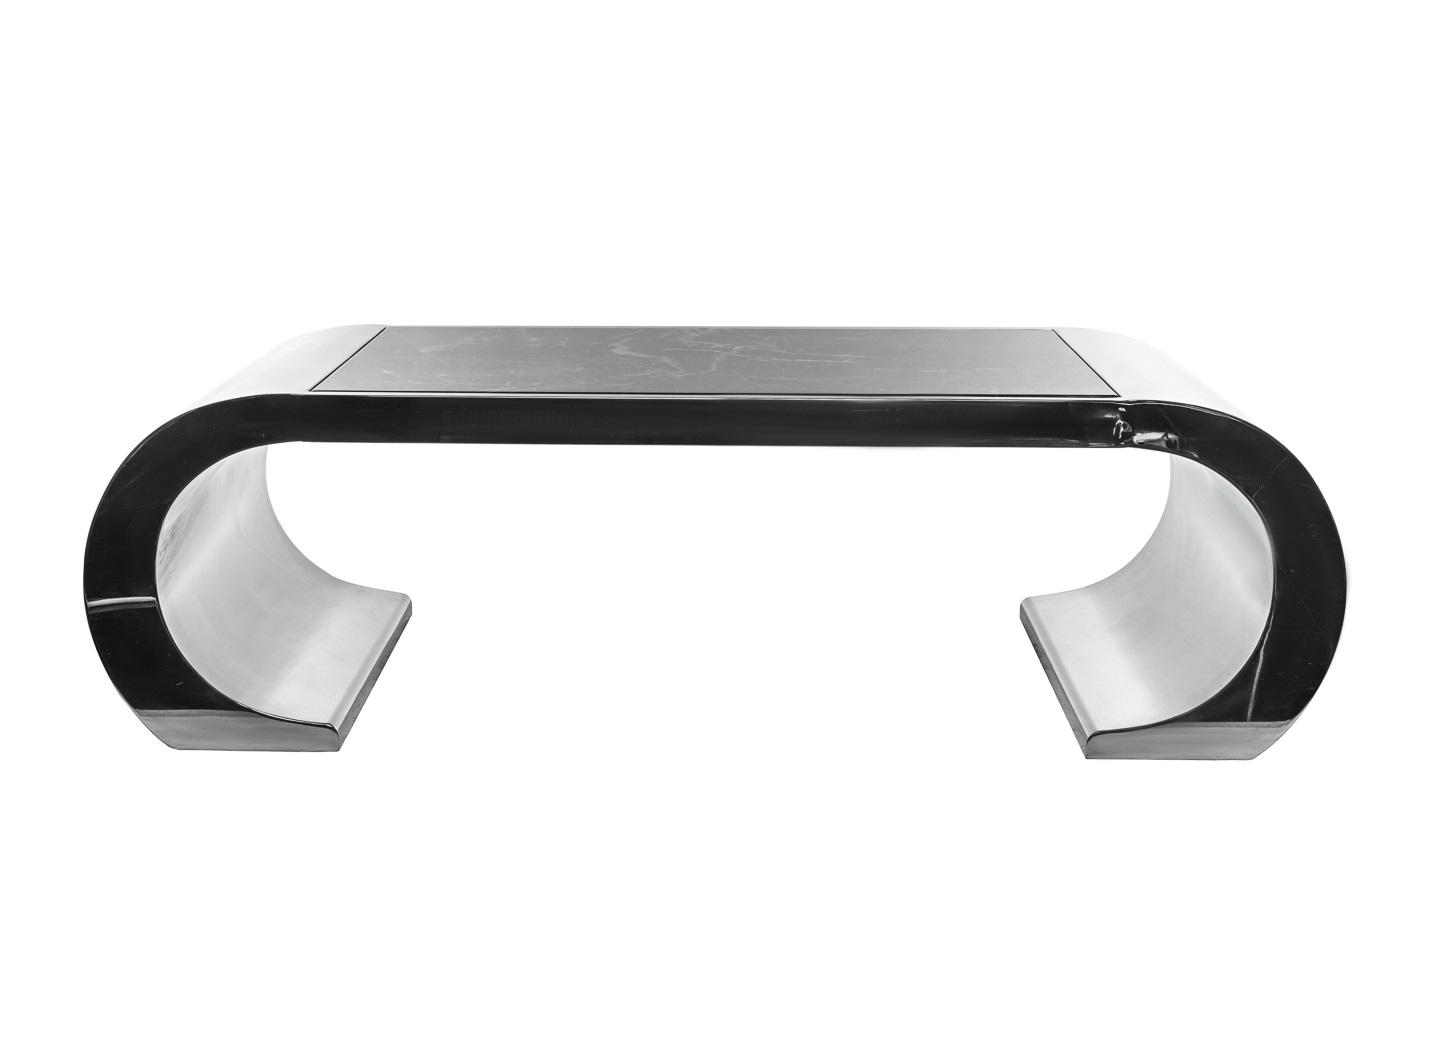 Журнальный столЖурнальные столики<br>Материал: стальное основание, столешница из искусственного мрамора темно-серого цвета с белыми прожилками<br><br>Material: Сталь<br>Ширина см: 130<br>Высота см: 38<br>Глубина см: 60